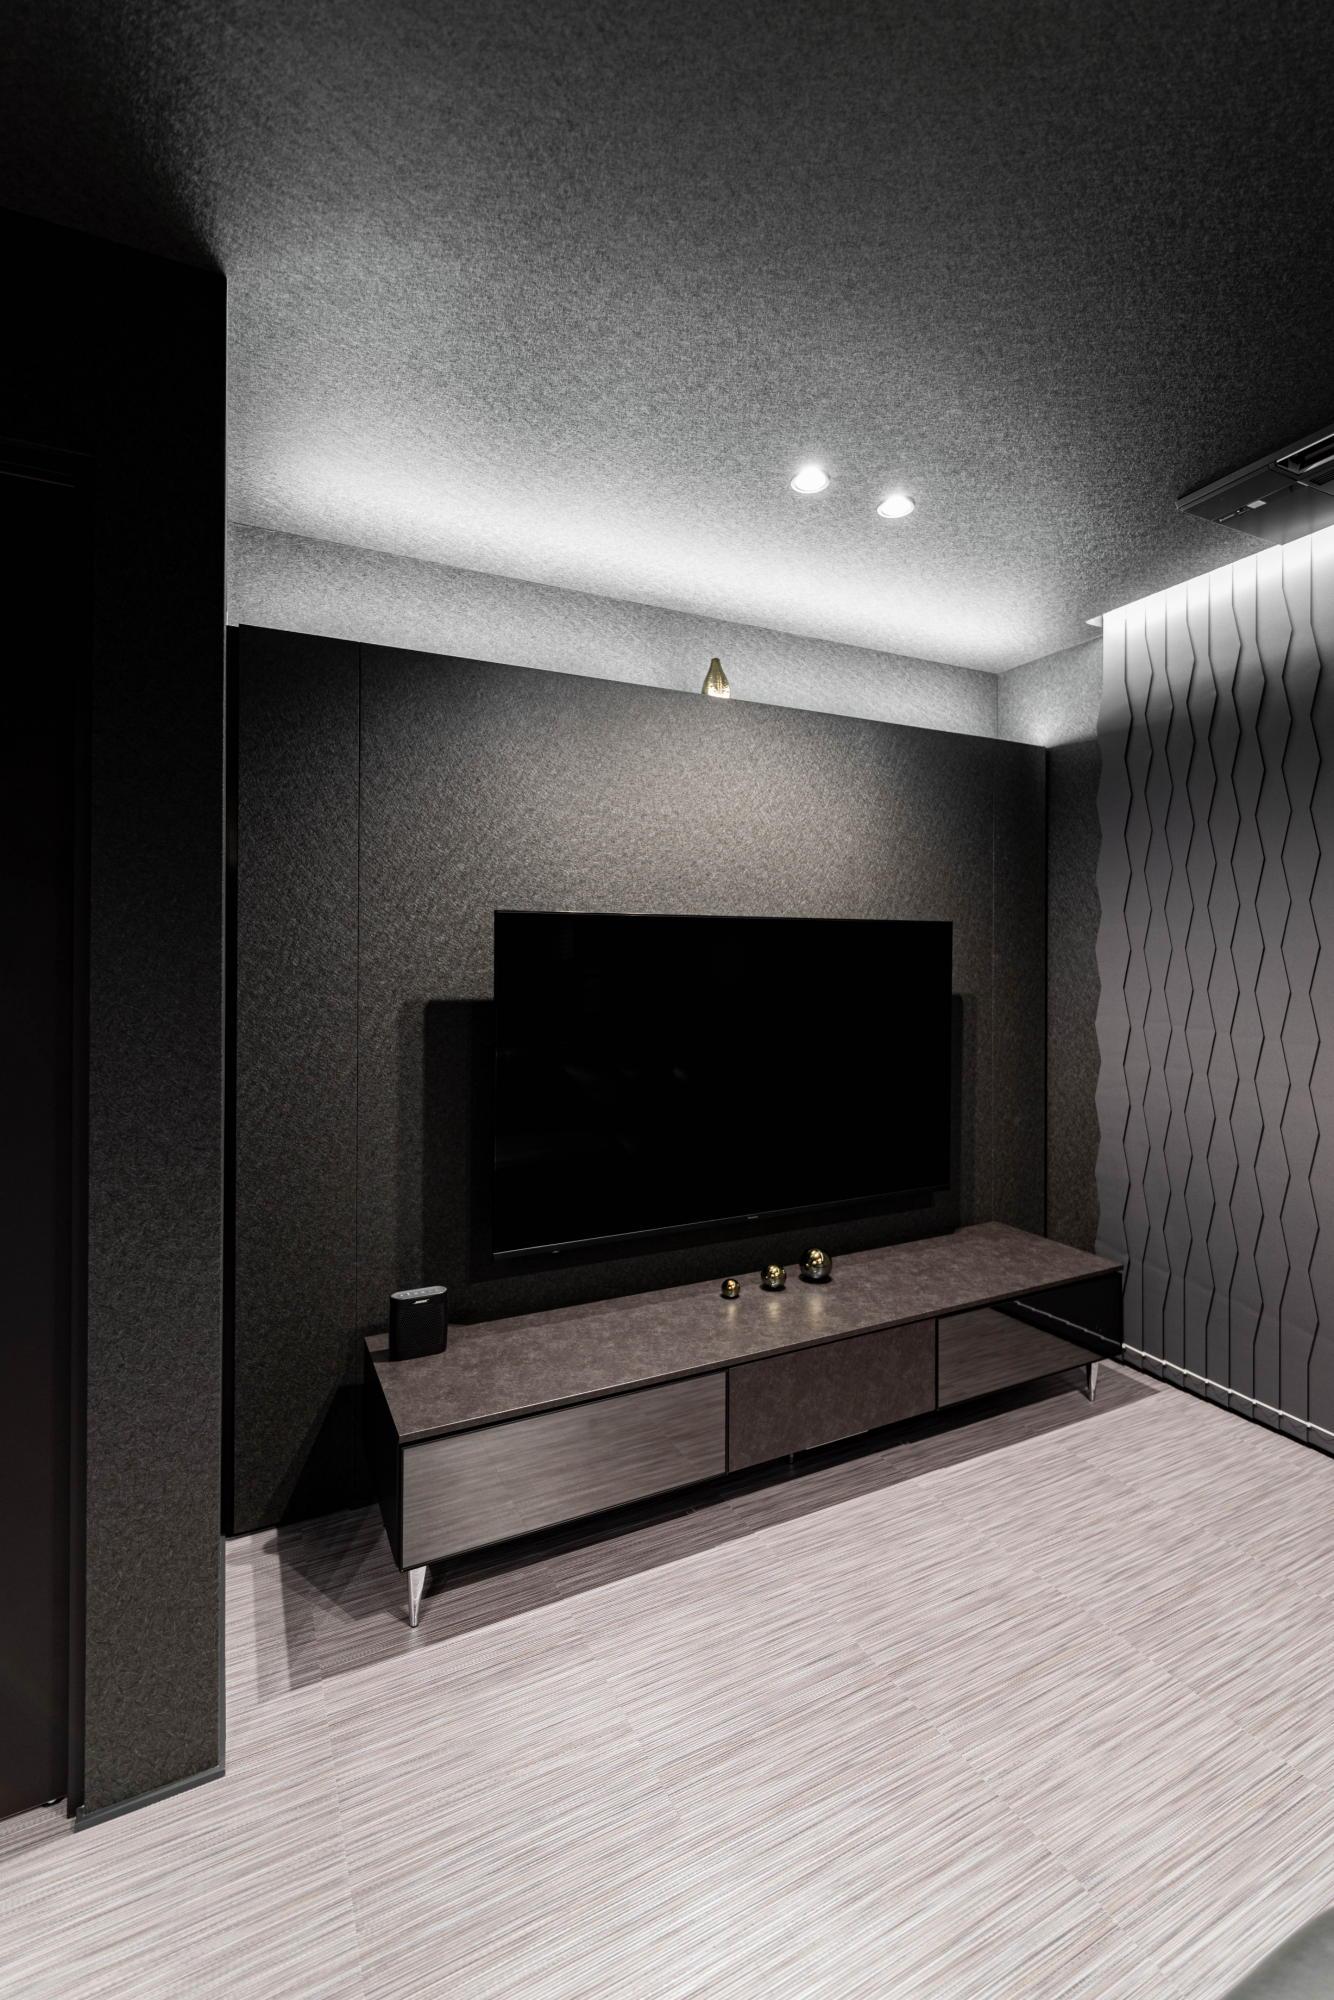 ブラックコーディネートの家 TVボード